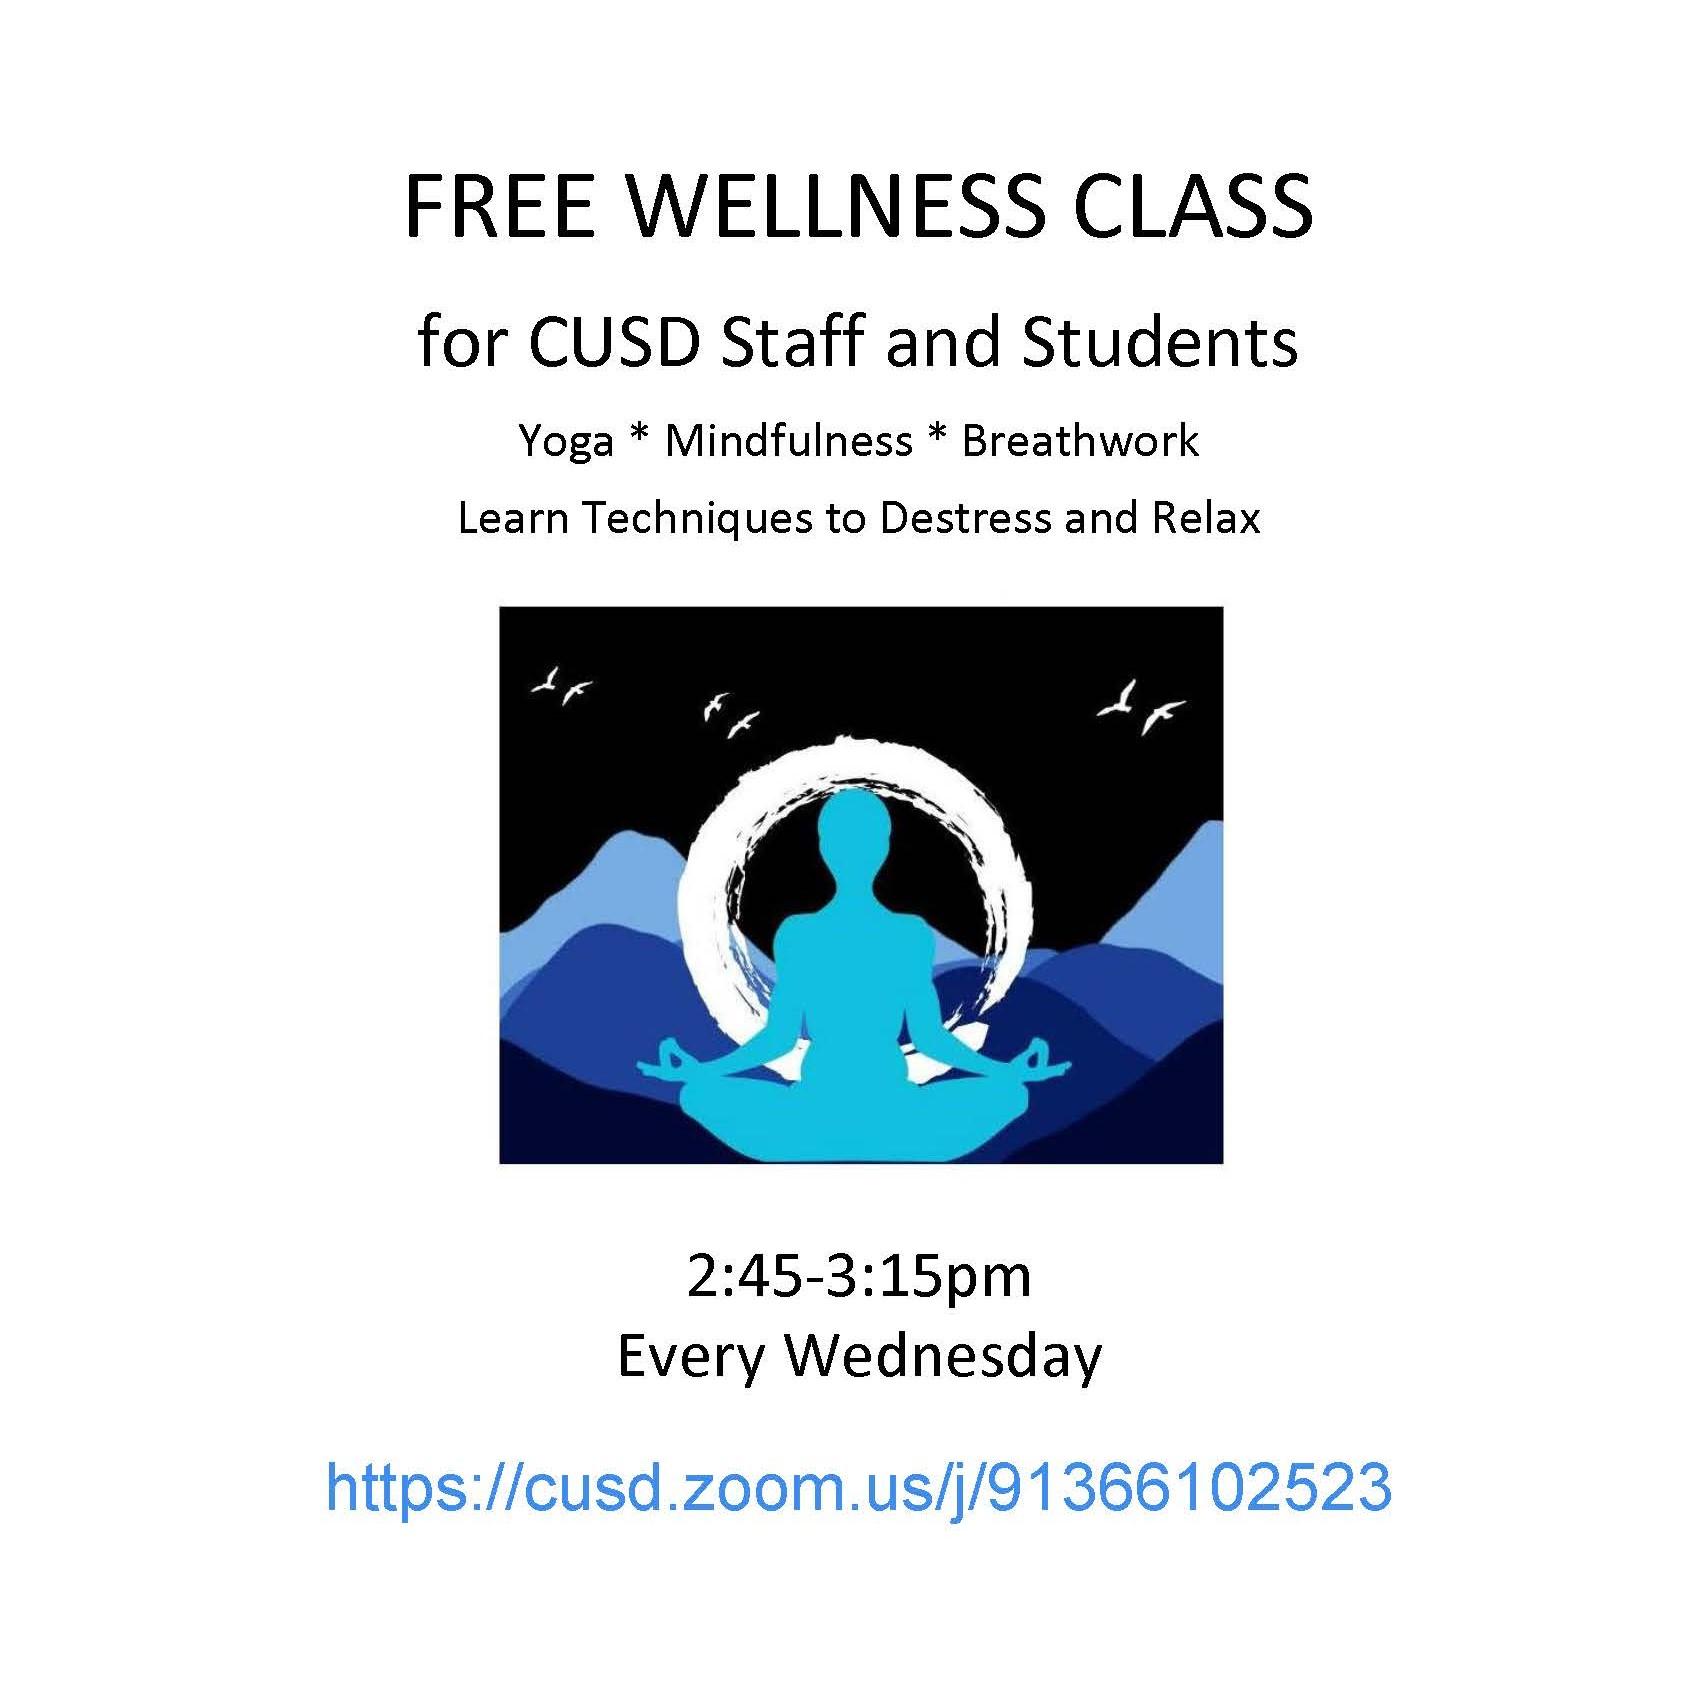 CUSD Wellness Class Flyer